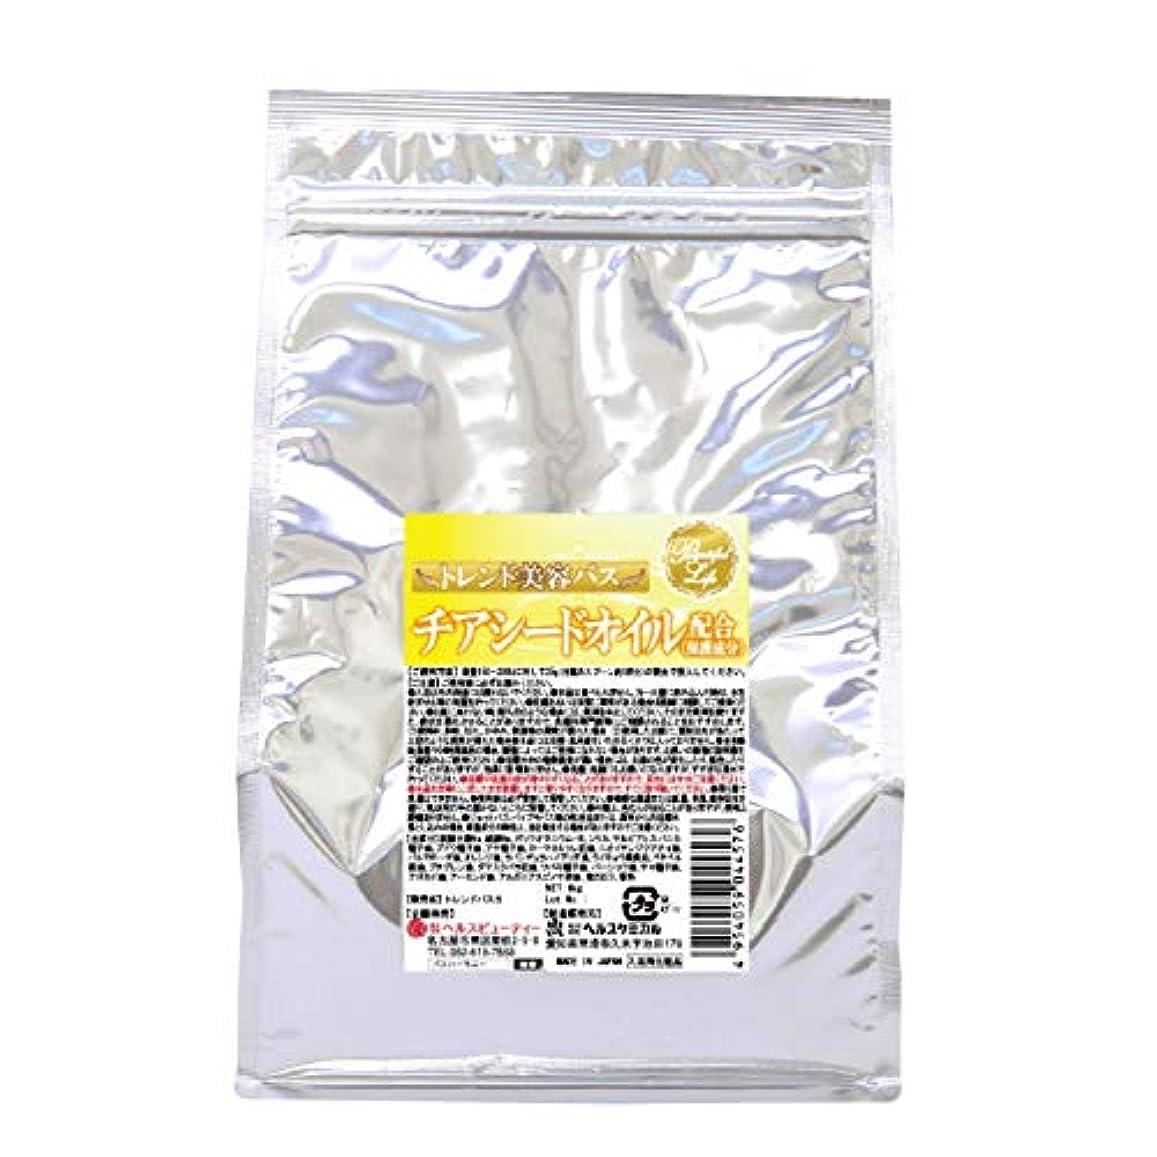 安定したナンセンスもっと少なく入浴剤 湯匠仕込 チアシードオイル配合 1kg 50回分 お徳用